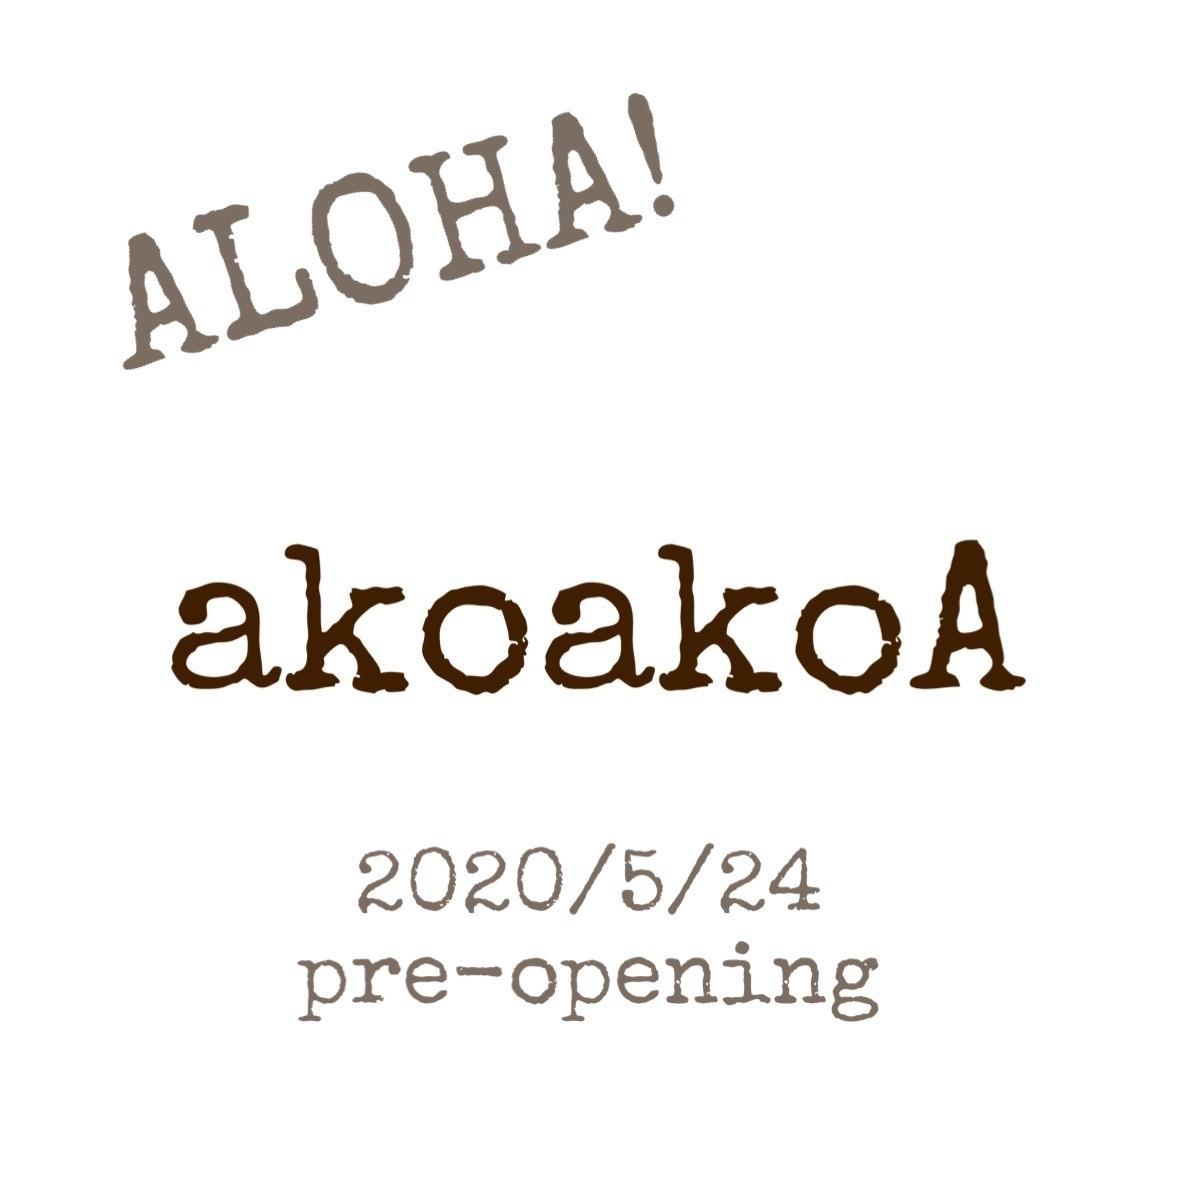 【 akoakoA 】2020/5/24 open